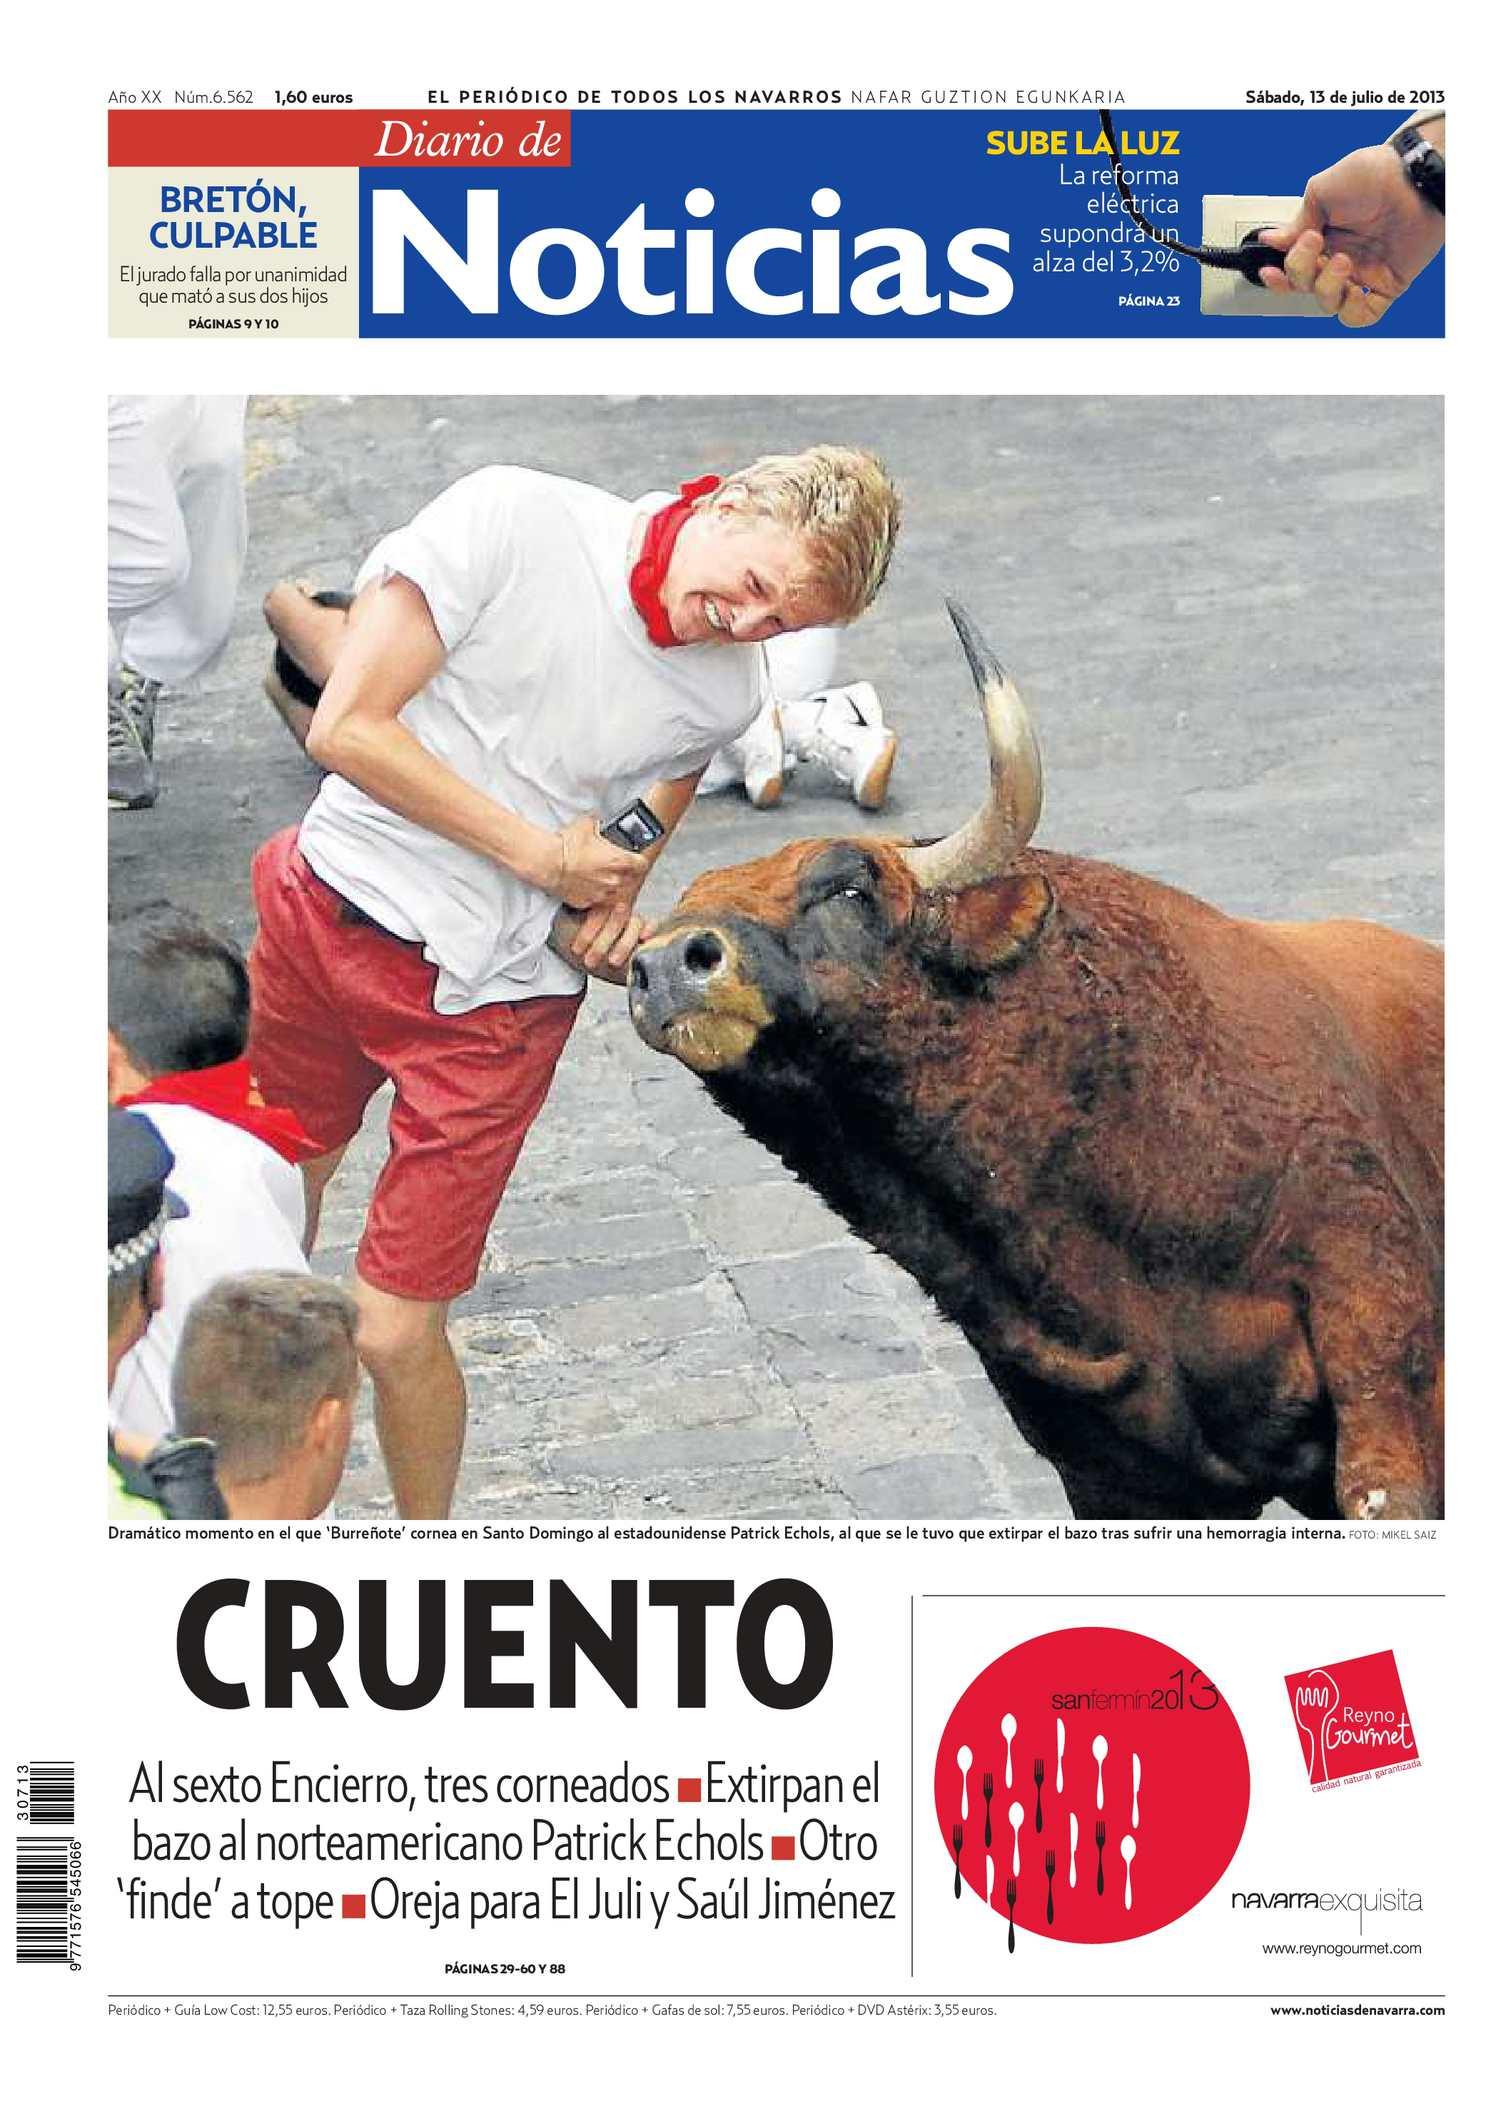 Peli Porno Fuego Lento 1993 calaméo - diario de noticias 20130713